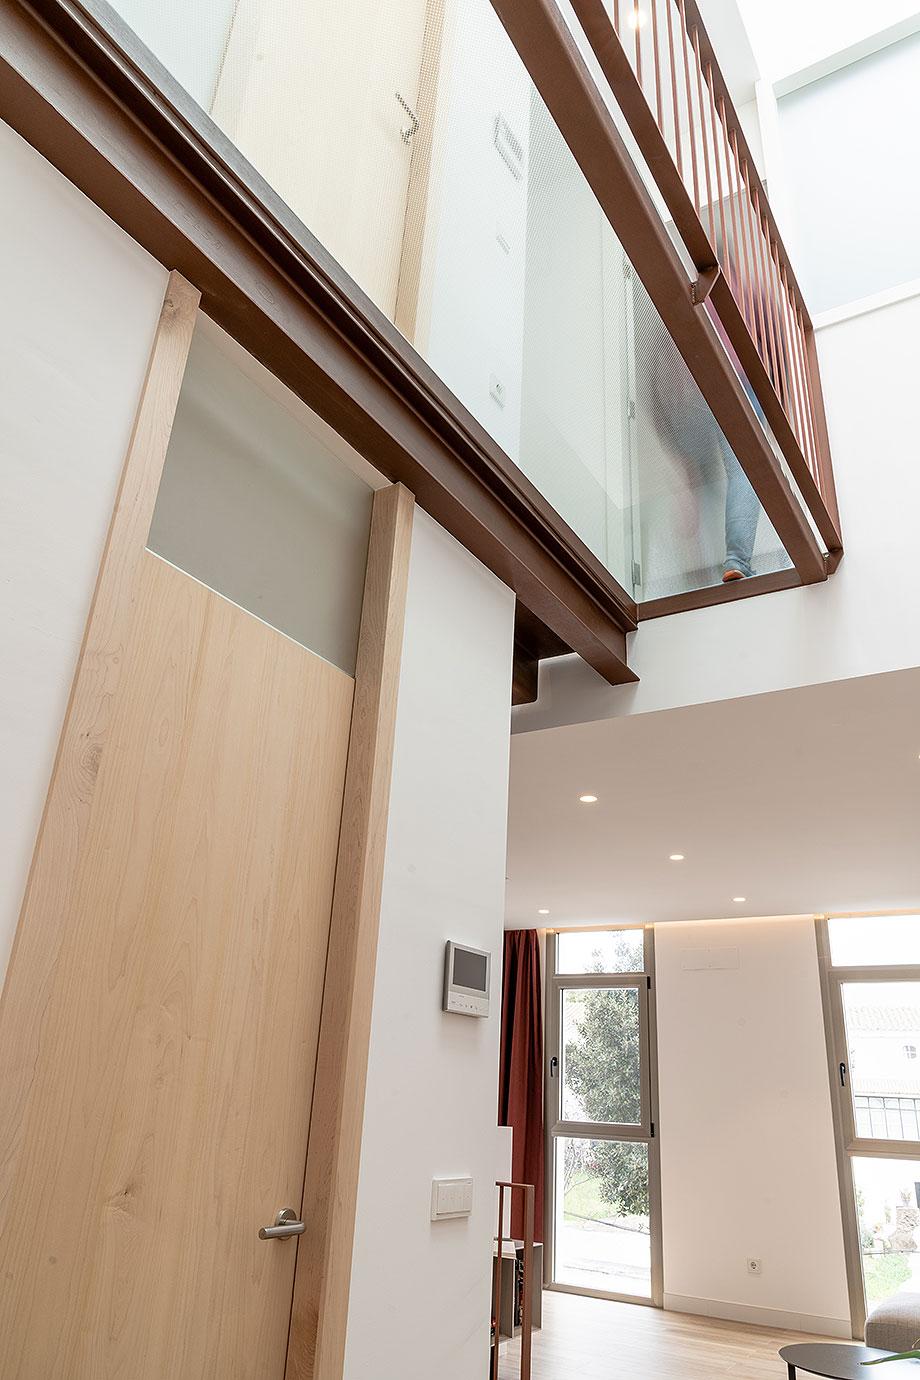 de garaje a vivienda por liniarquitectura (7) - foto laura tomas